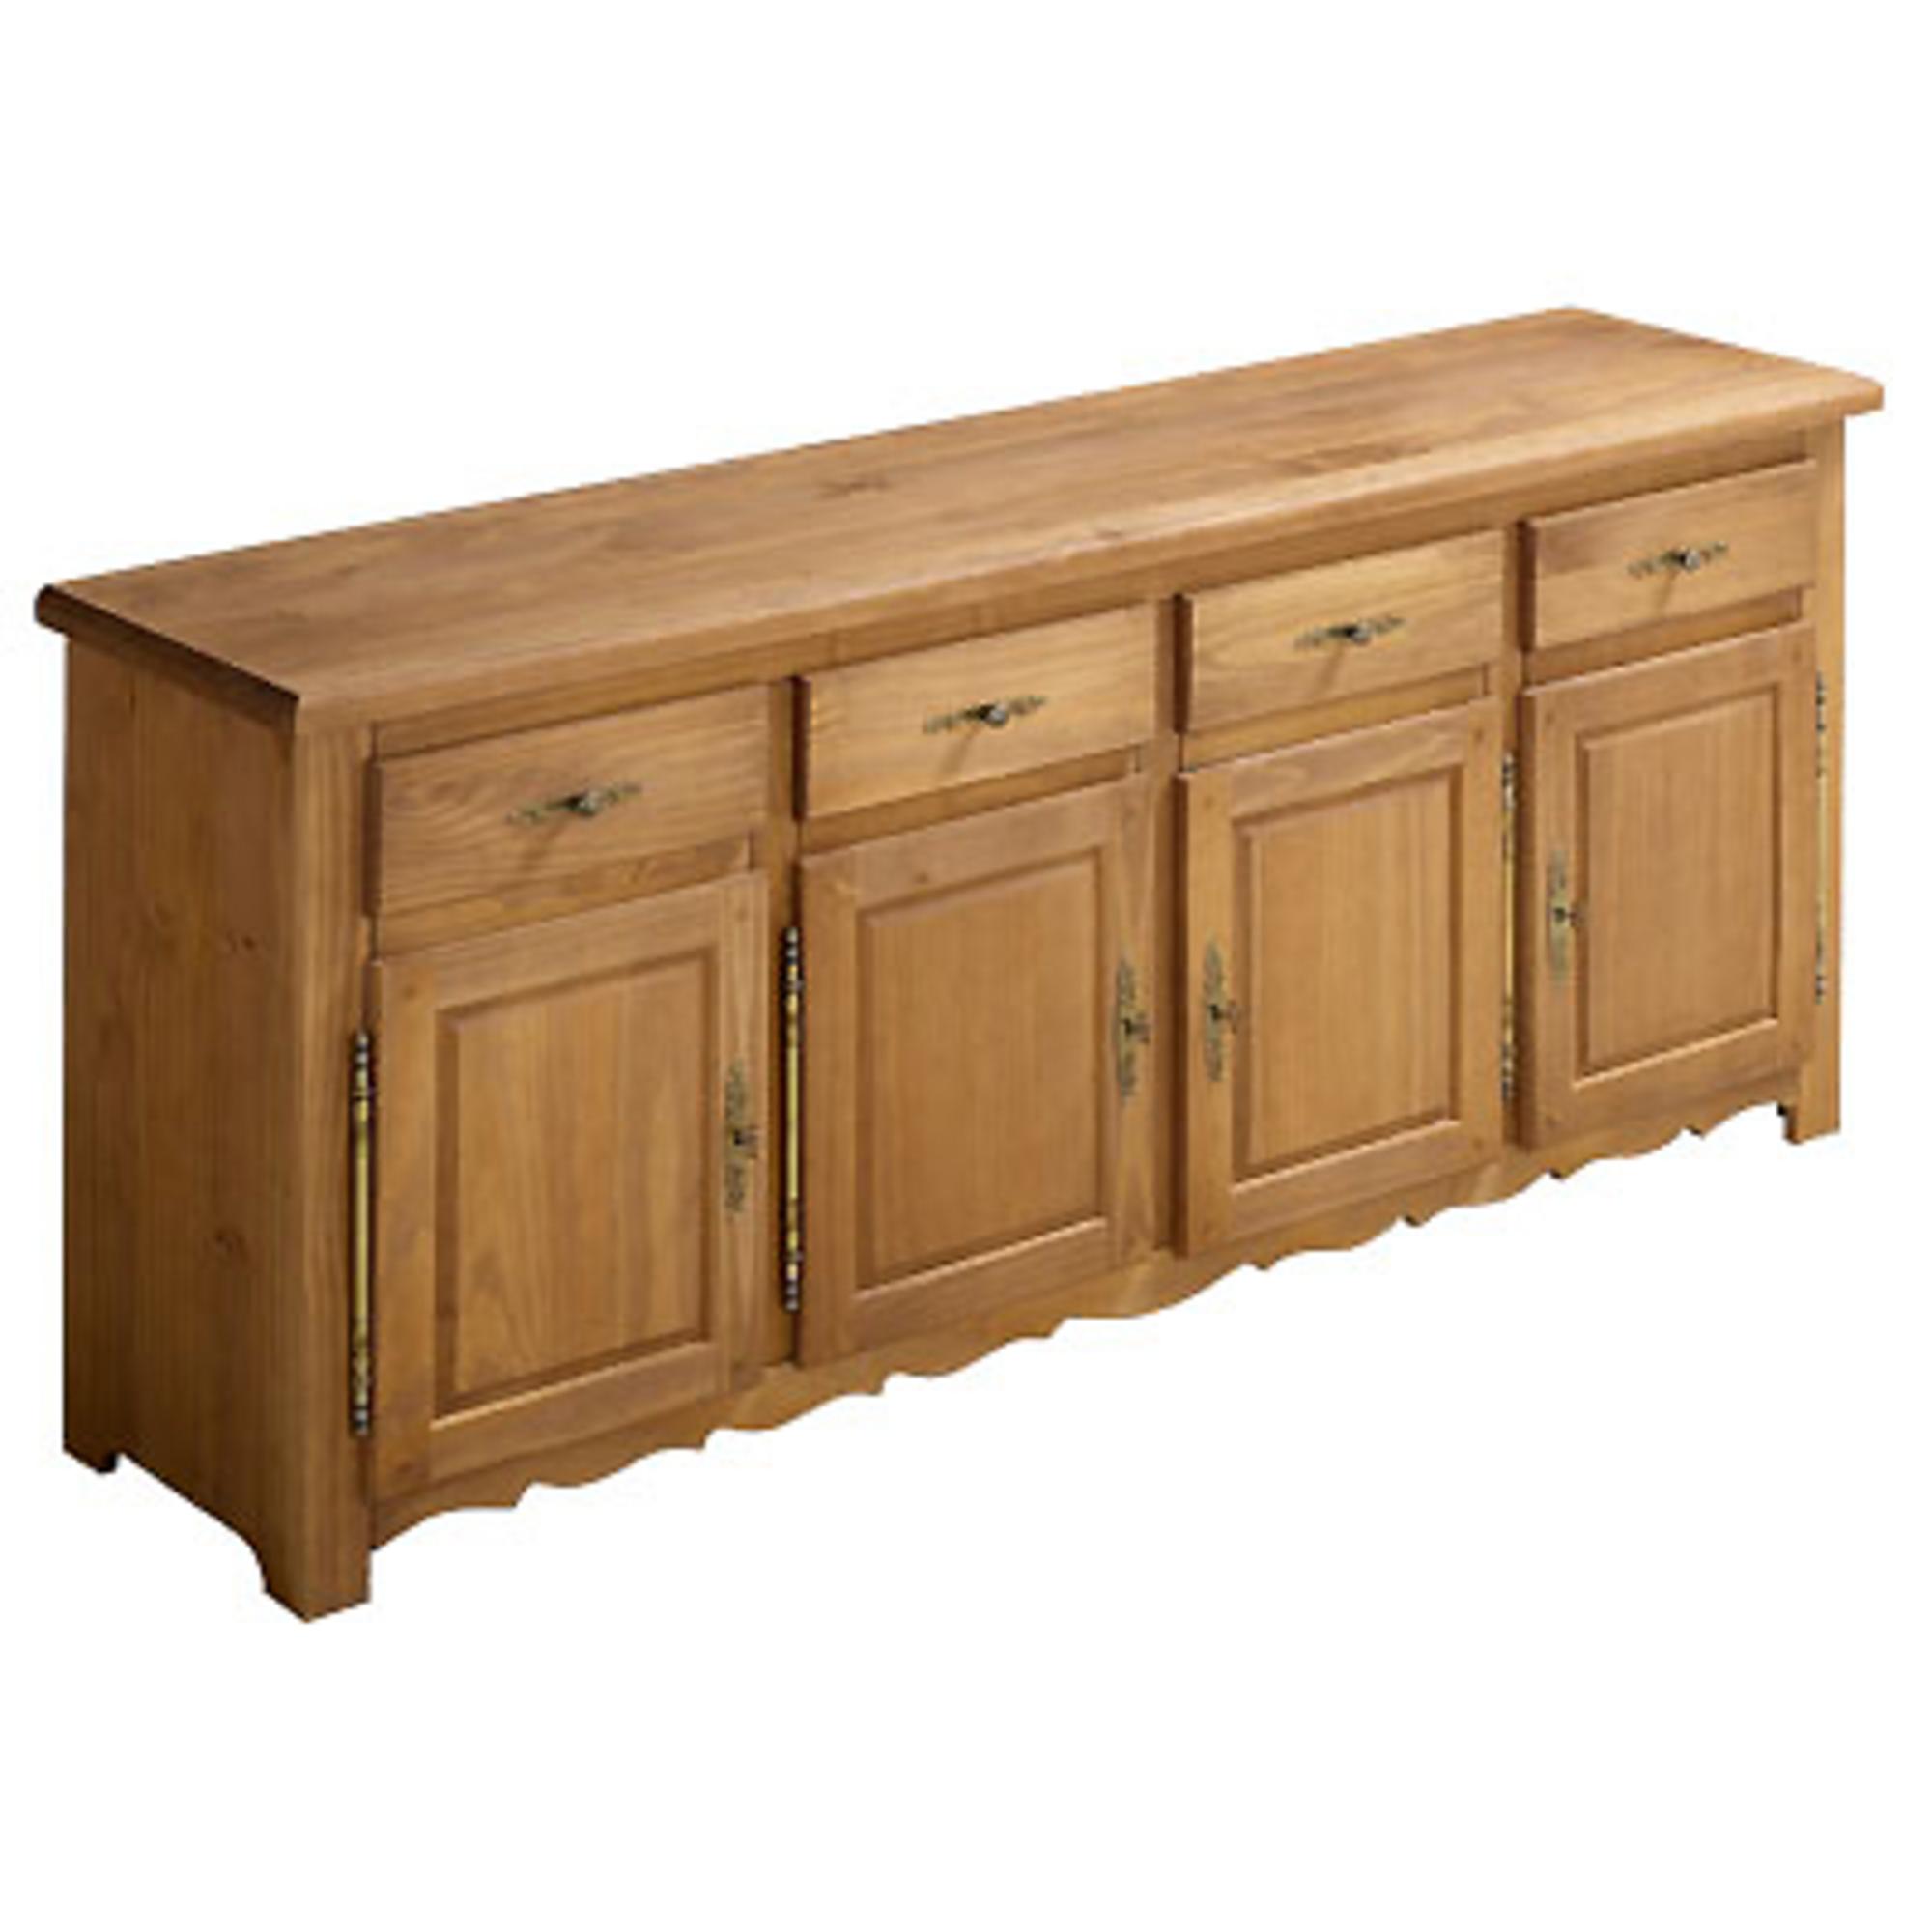 buffet bas 4 portes 4 tiroirs sologne ch ne dor anniversaire 40 ans acheter ce produit au. Black Bedroom Furniture Sets. Home Design Ideas